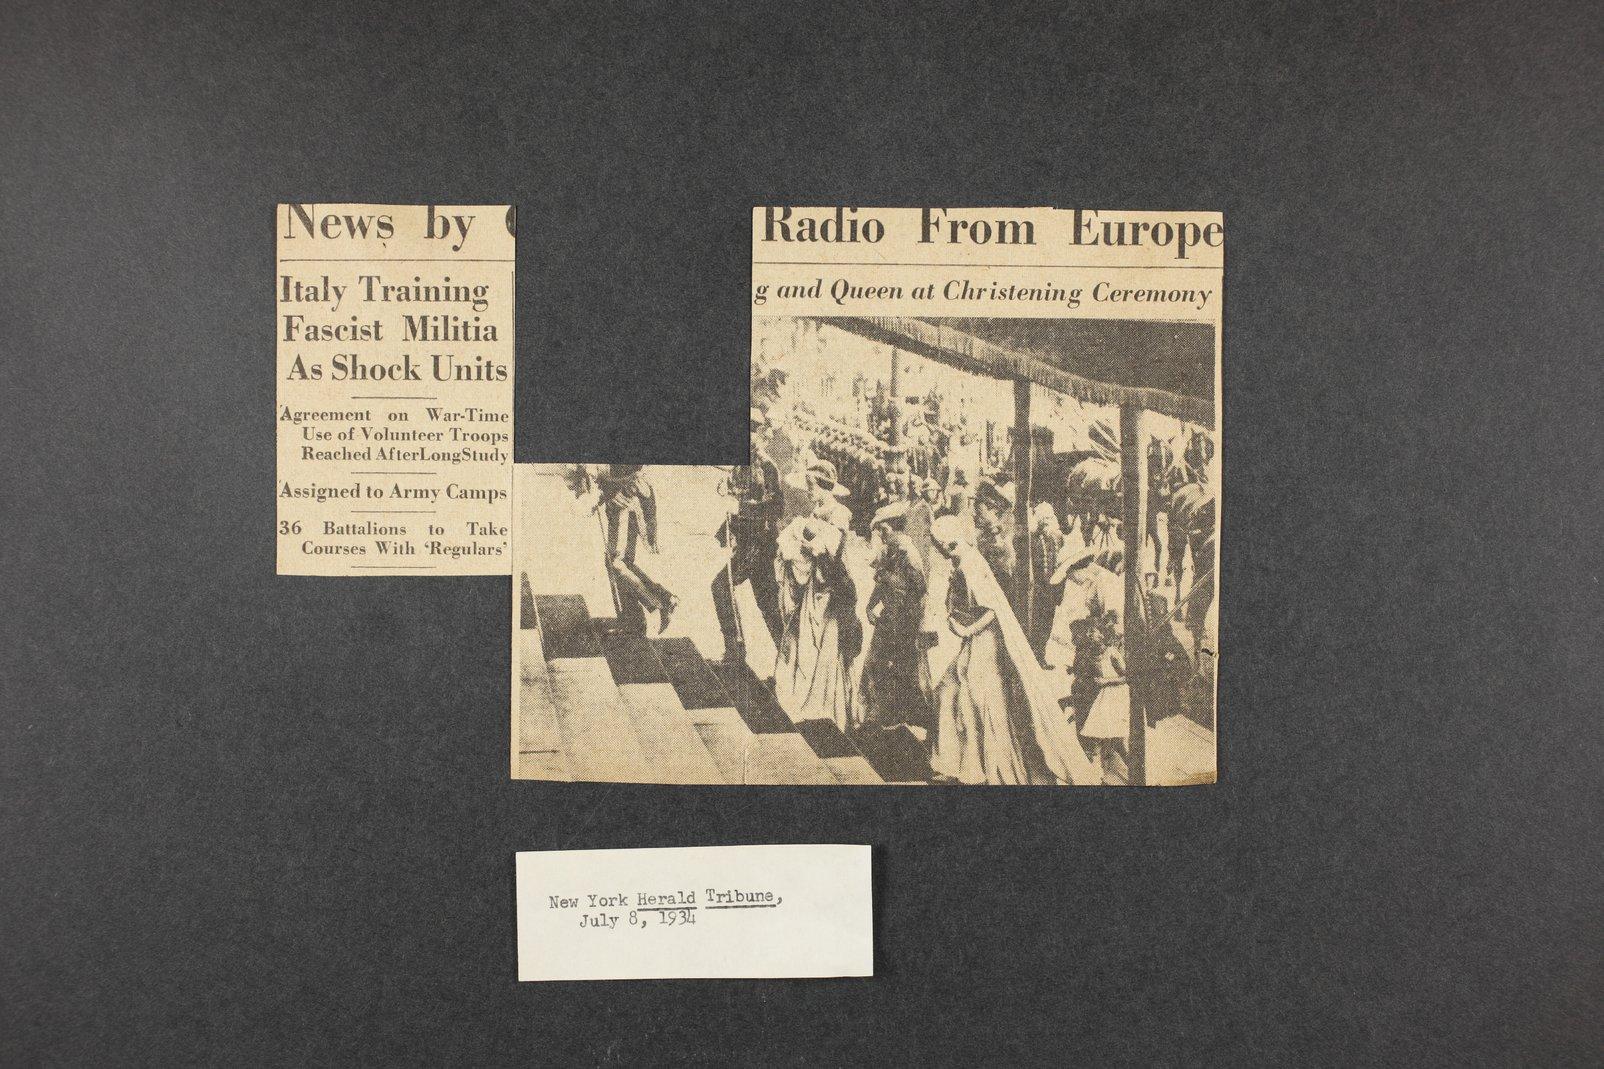 Robert Taft correspondence related to frontier artists, Catlin - Deming - 20